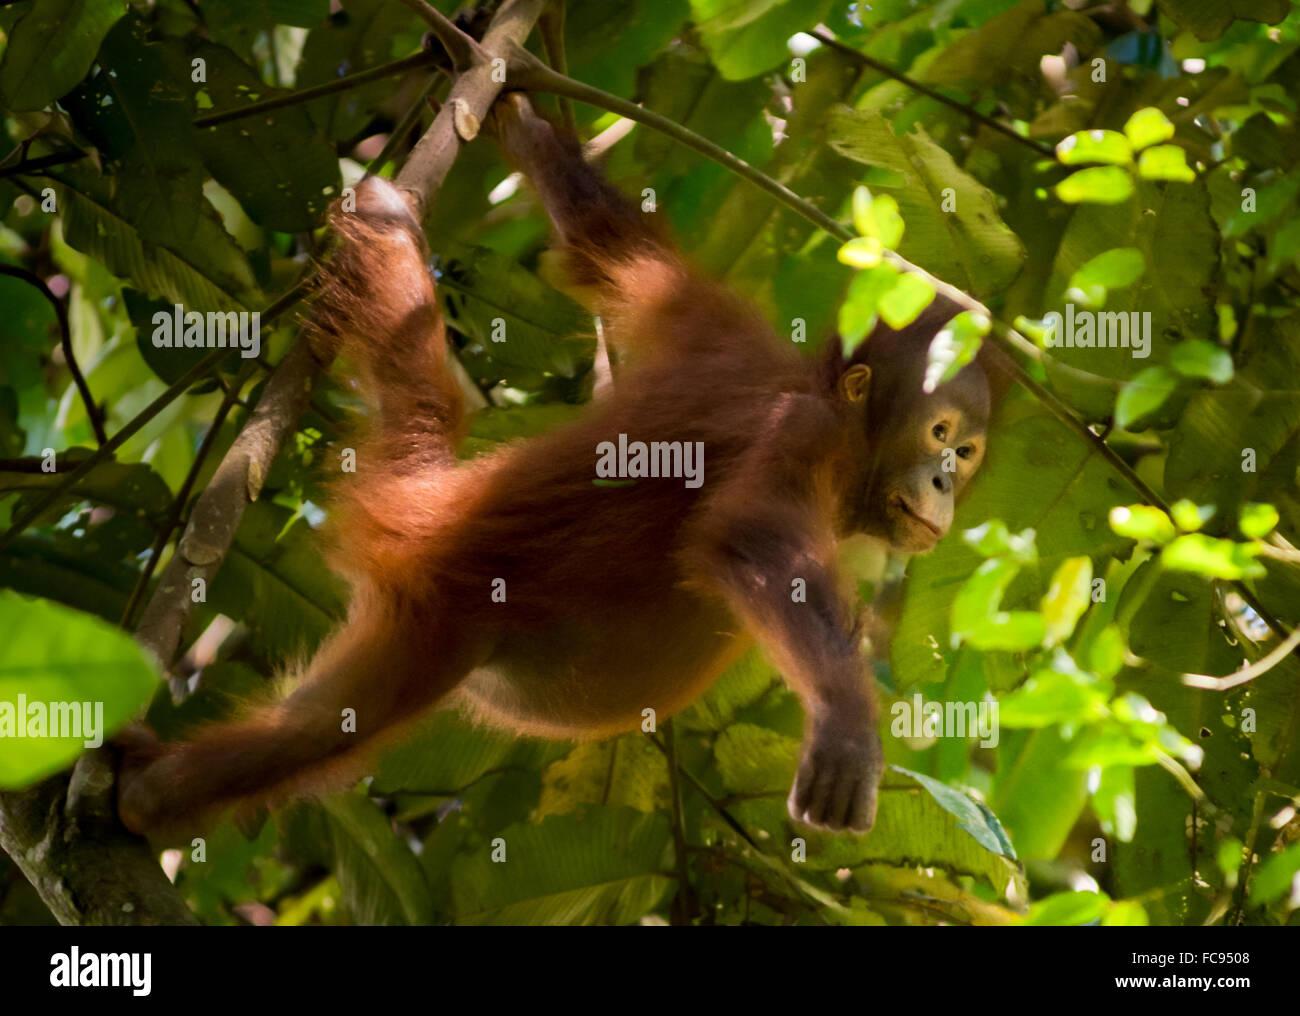 Young bornean orangutan (Pongo pygmaeus morio) in the wild. Kutai National Park, Indonesia. - Stock Image